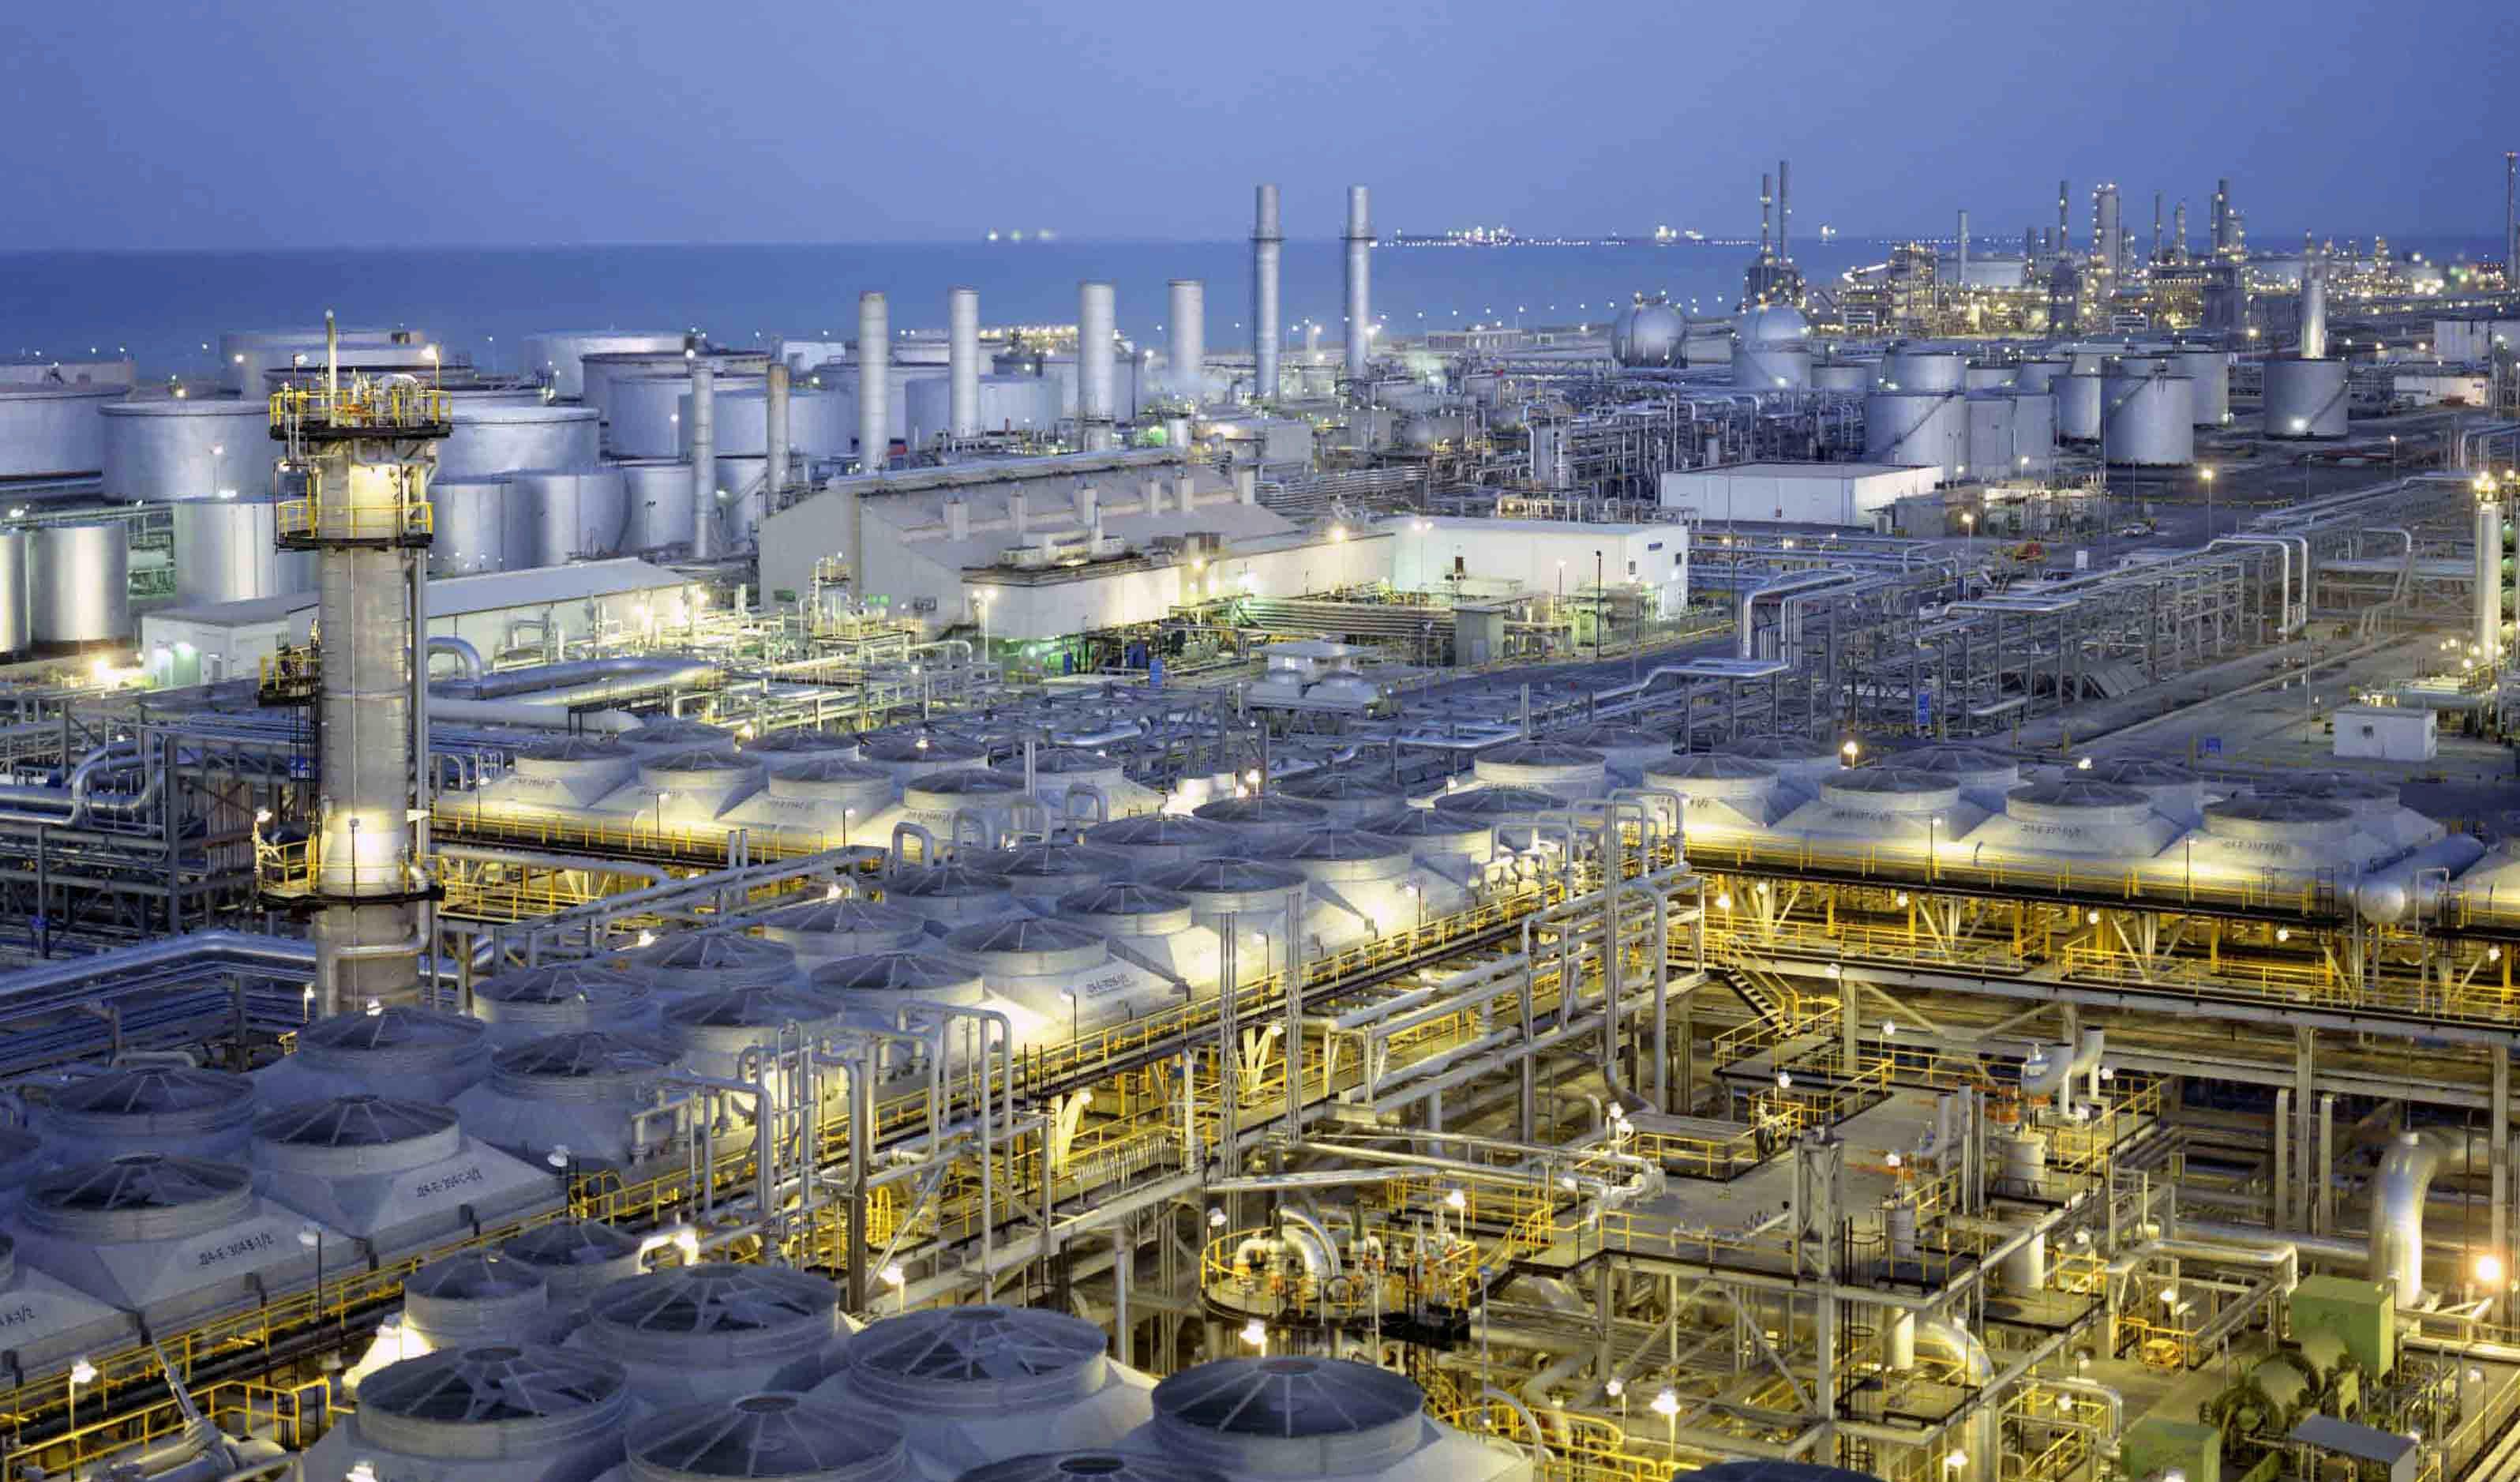 آرامکو ۲۰ درصد از سهام شرکت پالایشگاهی هند را میخرد